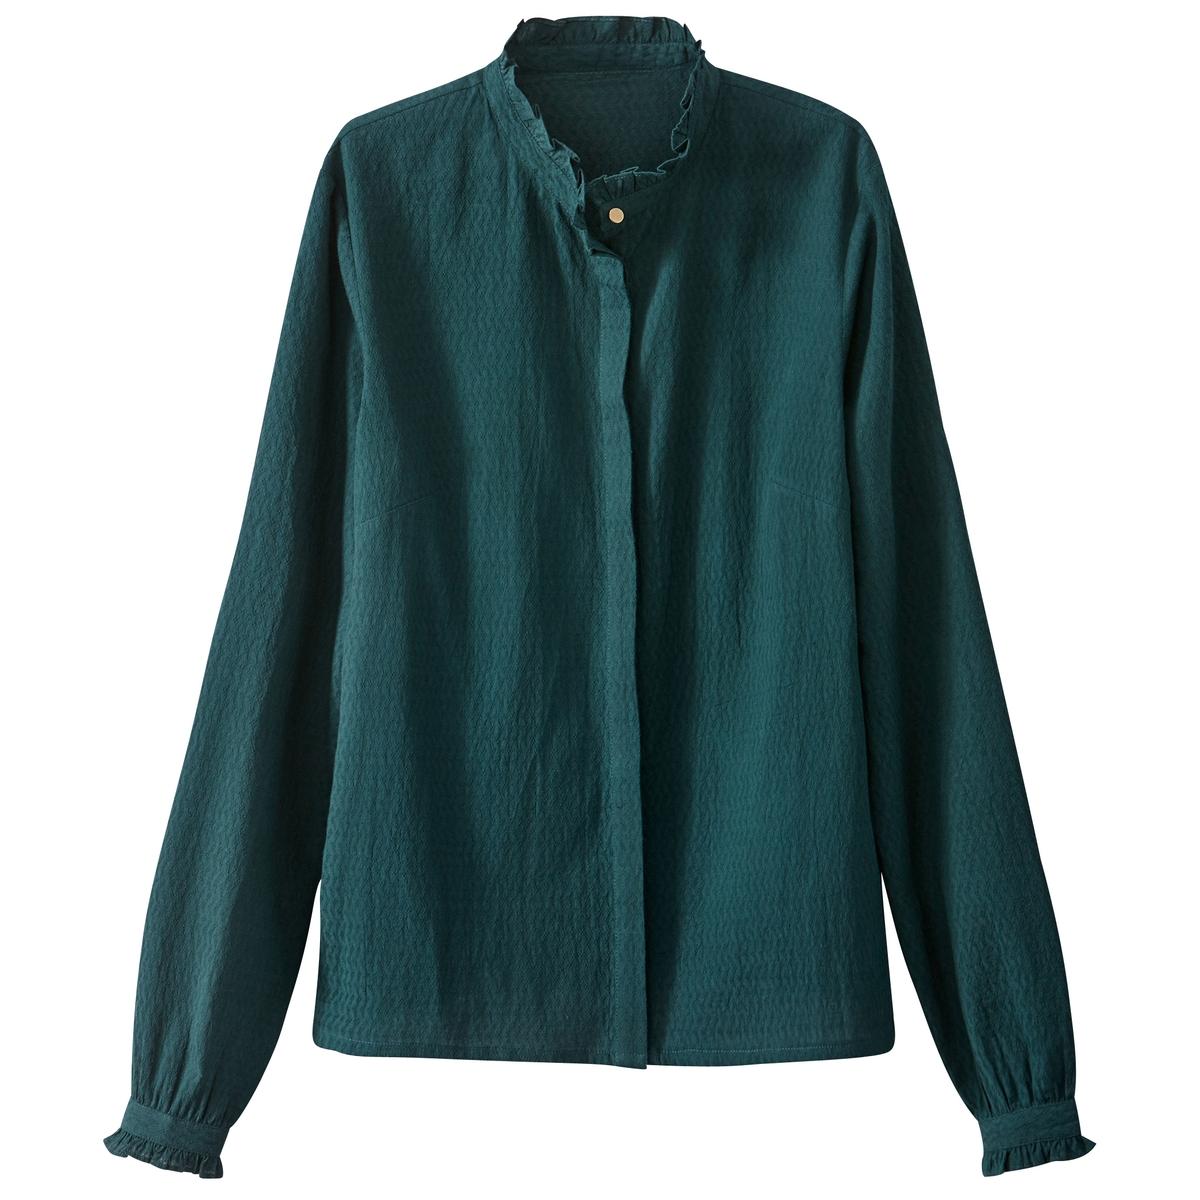 Рубашка с длинными рукавами, с рюшьюДетали •  Длинные рукава  •  Прямой покрой  •  Воротник-стойкаСостав и уход •  100% хлопок  •  Температура стирки при 30° при деликатном режиме   •  Сухая чистка и отбеливание запрещены    •  Не использовать барабанную сушку   •  Низкая температура глажки<br><br>Цвет: белый,темно-зеленый<br>Размер: 38 (FR) - 44 (RUS).40 (FR) - 46 (RUS).36 (FR) - 42 (RUS).44 (FR) - 50 (RUS).34 (FR) - 40 (RUS).38 (FR) - 44 (RUS).48 (FR) - 54 (RUS).46 (FR) - 52 (RUS)